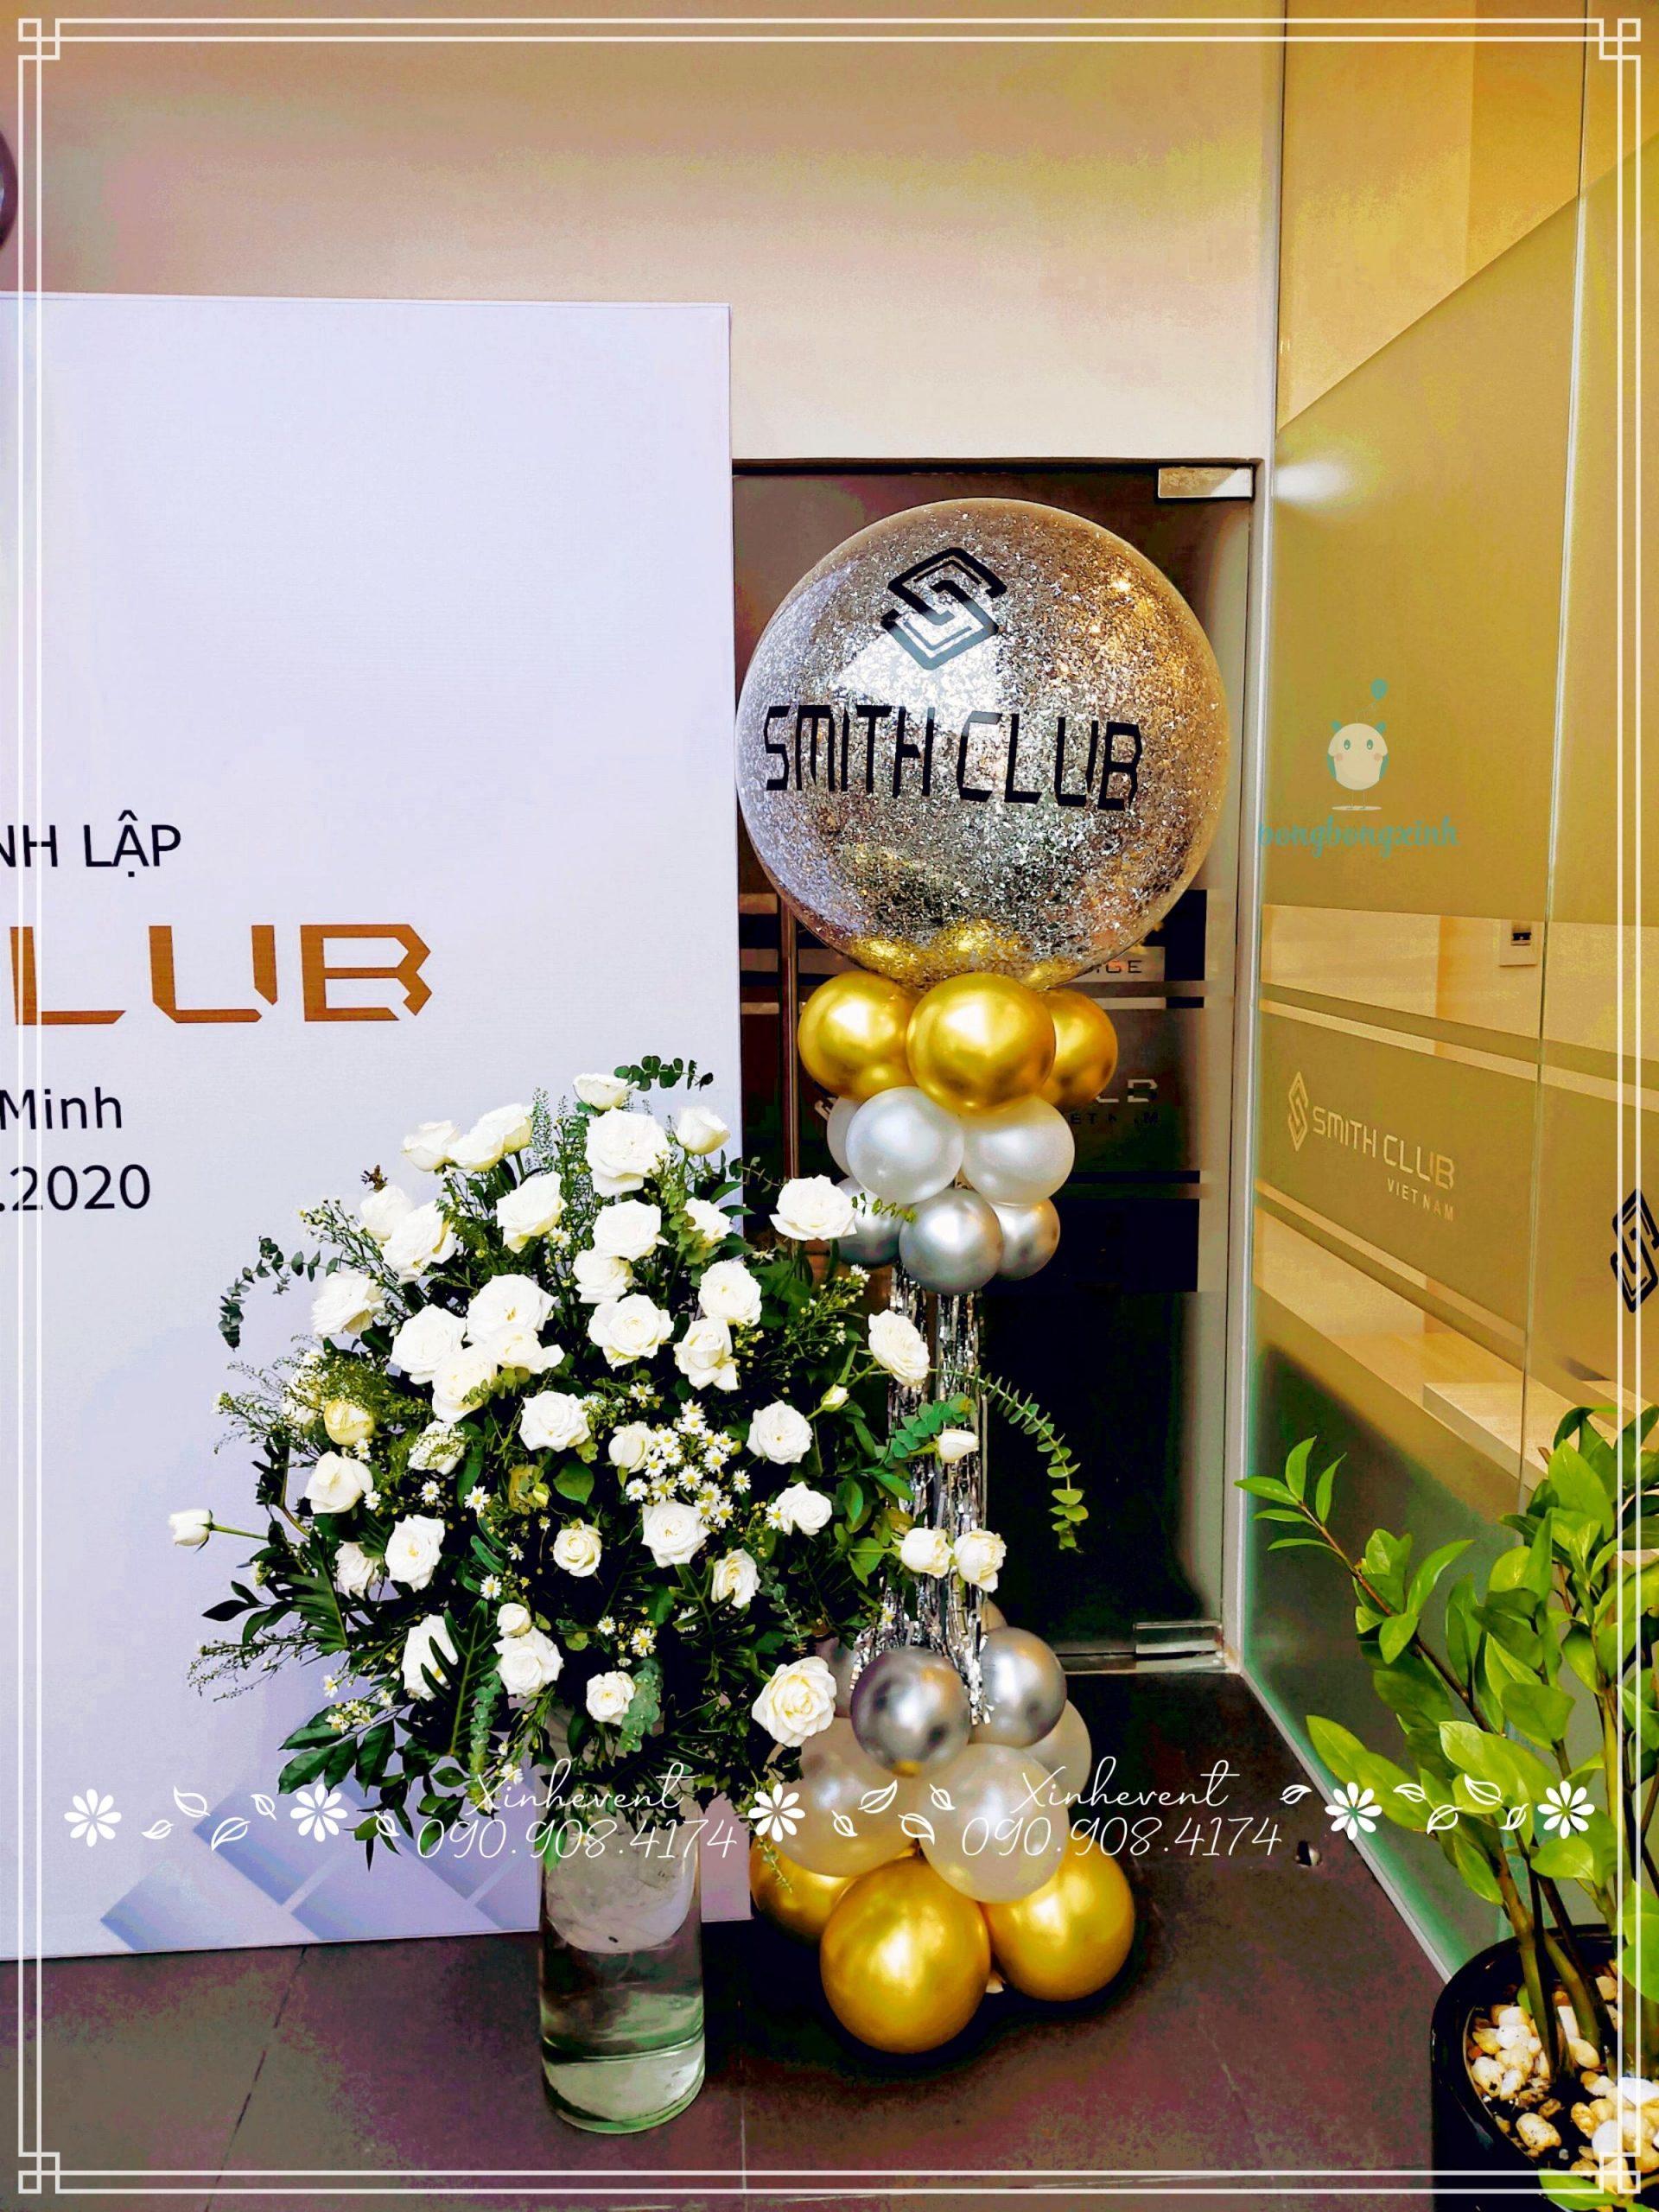 Trụ bong bóng trang trí lễ kỷ niệm 1 năm thành lập Smith Club